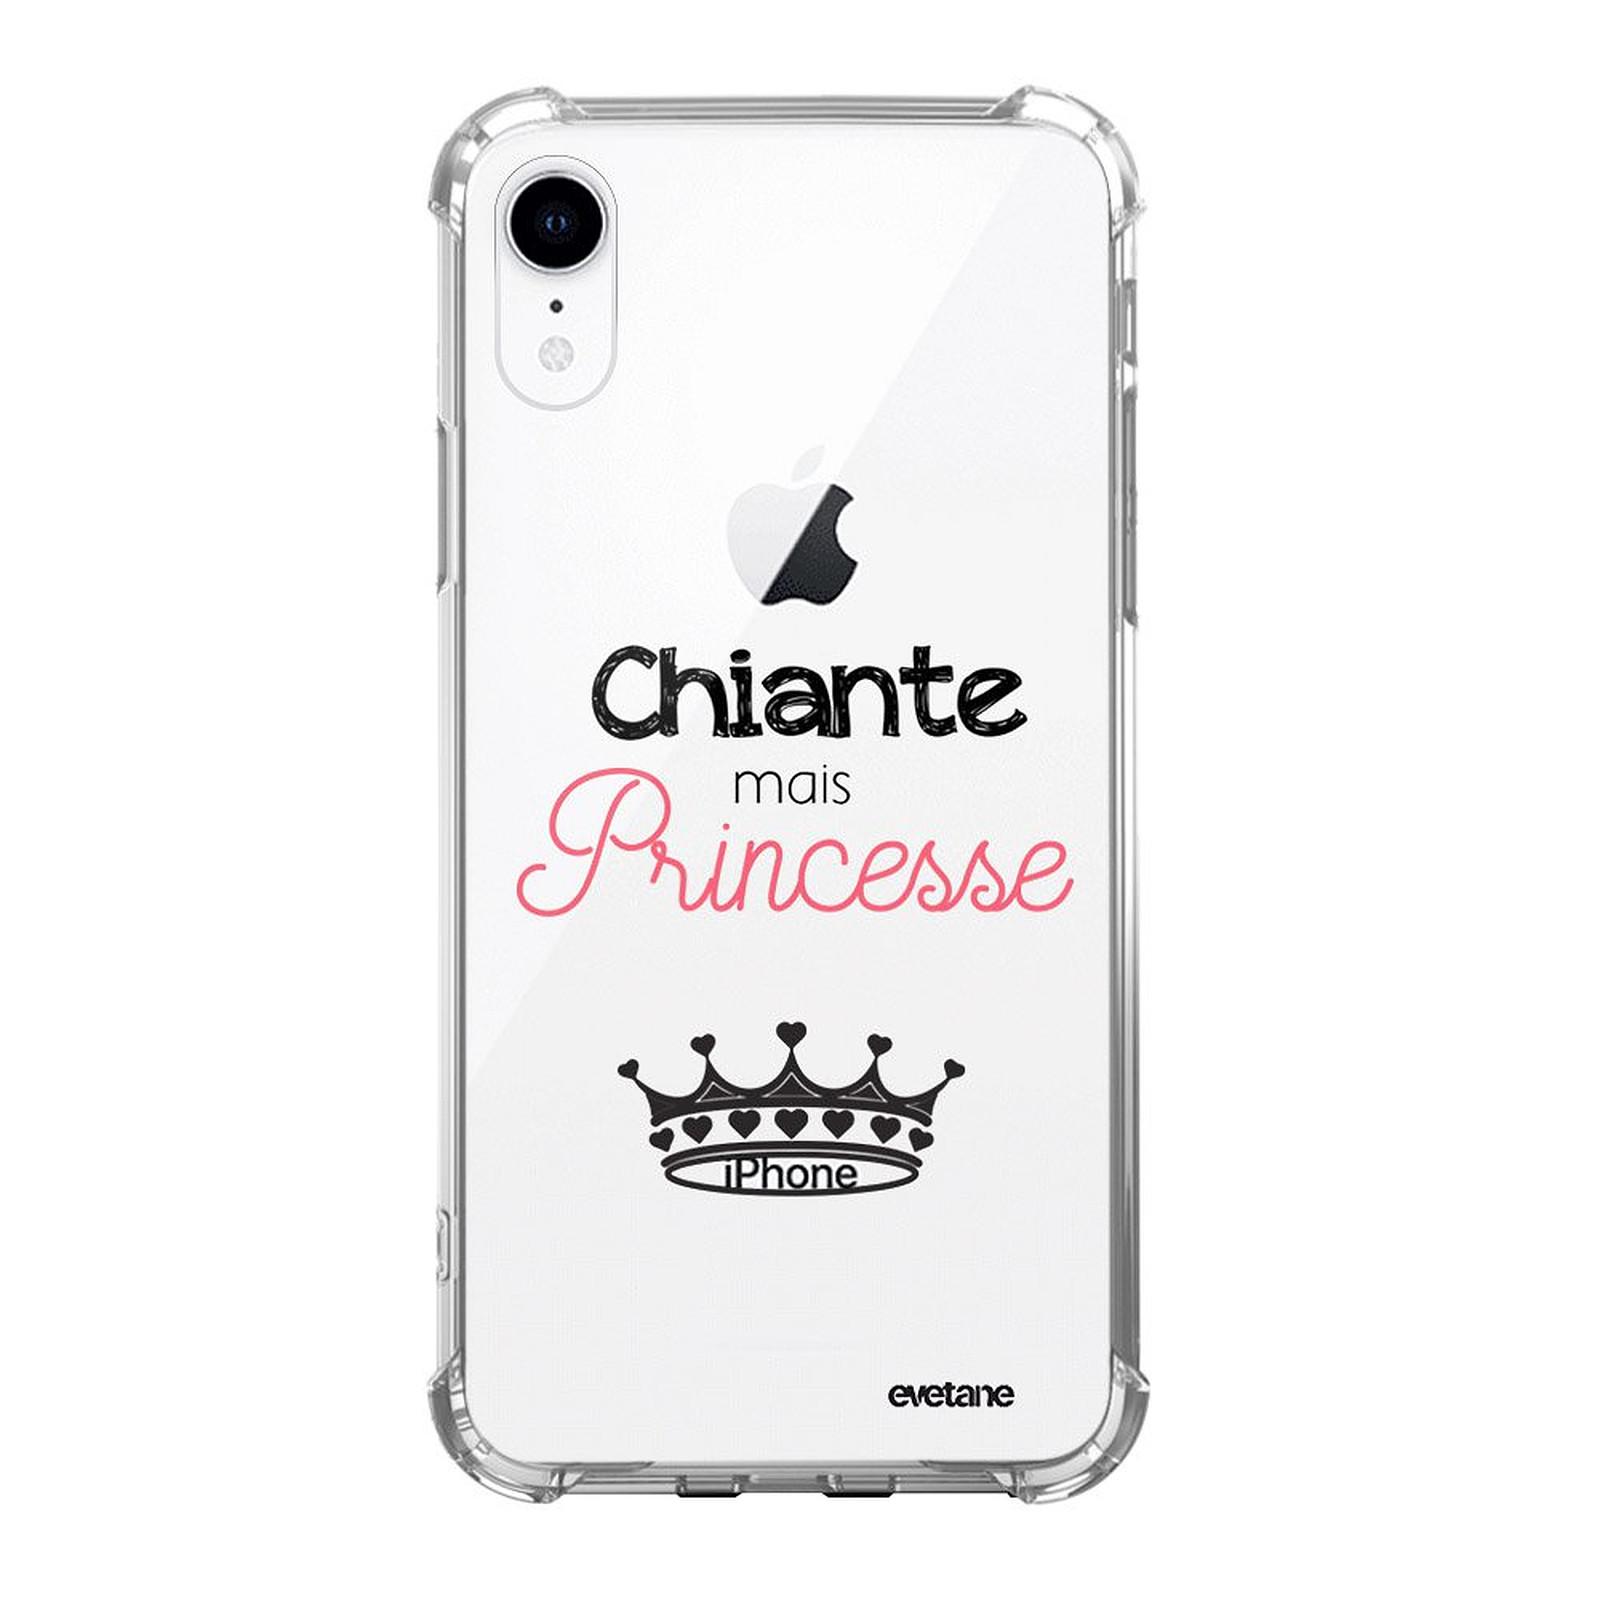 EVETANE Coque iPhone Xr anti-choc souple angles renforcés Chiante mais princesse - Coque téléphone Evetane sur LDLC